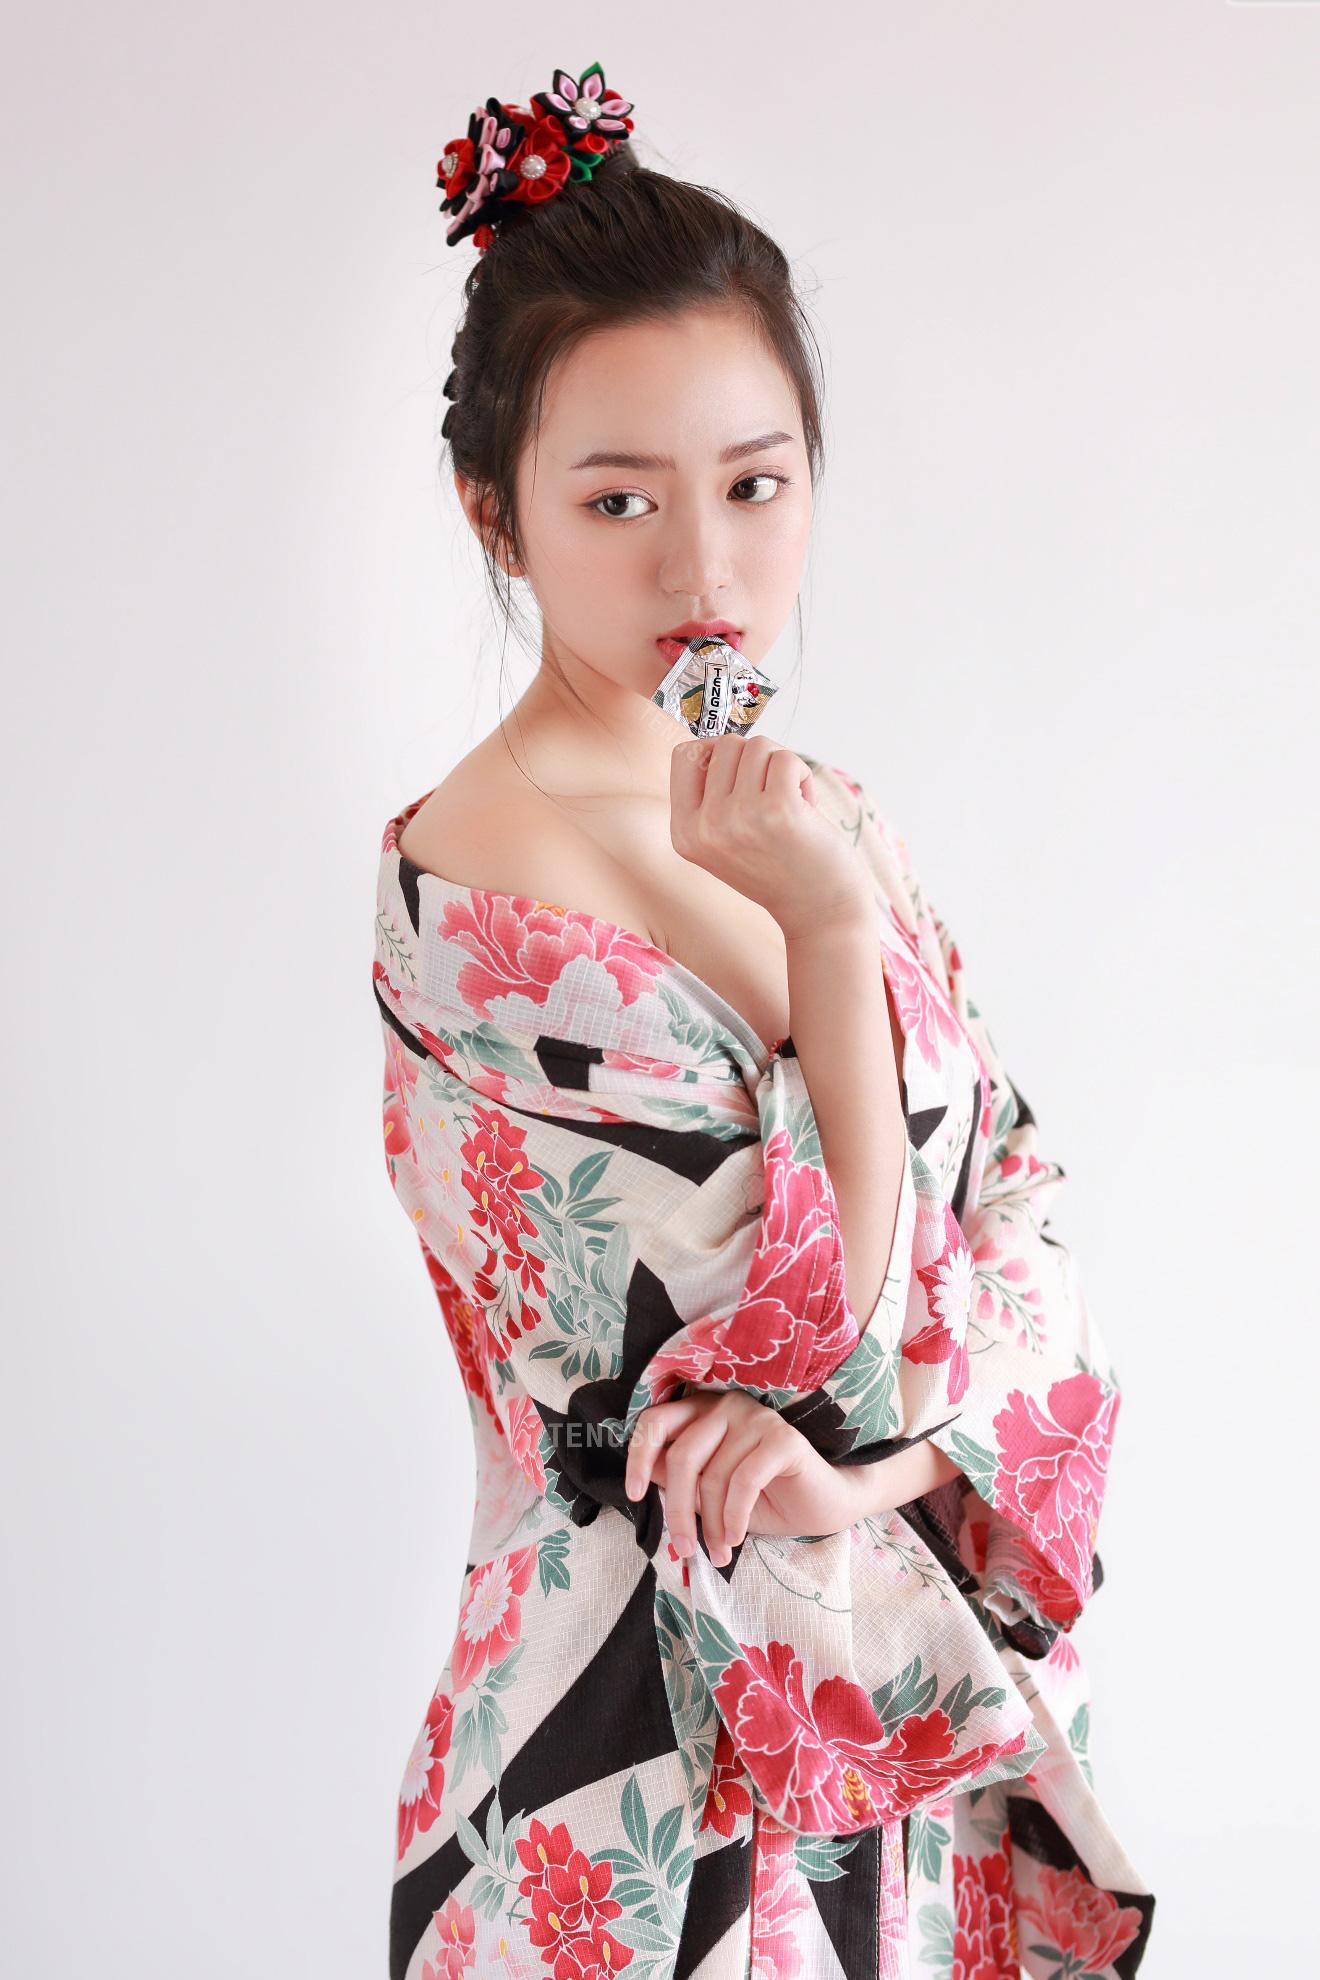 Bóng hồng streamer sinh năm 1999 lần đầu mặc kimono nóng bỏng, ai nấy đều ngỡ ngàng vì quá xinh - Ảnh 6.